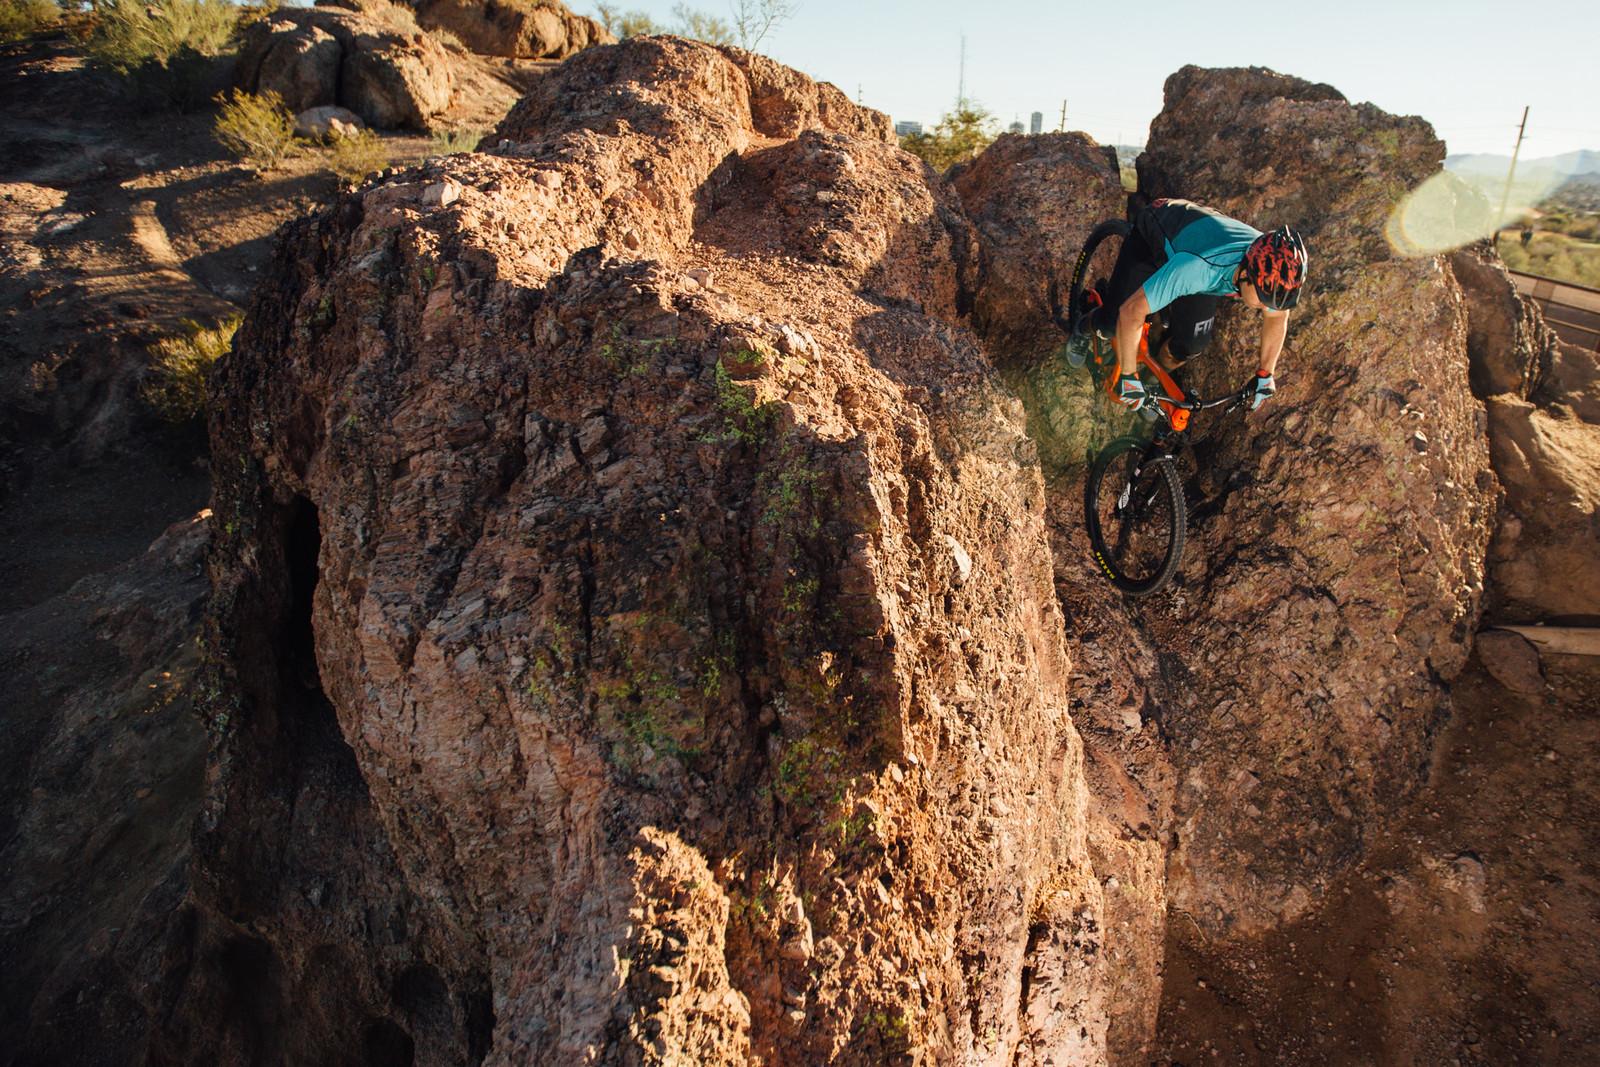 Evil The Following X1 - 2016 Vital MTB Test Sessions - Evil The Following X1 - 2016 Vital MTB Test Sessions - Mountain Biking Pictures - Vital MTB